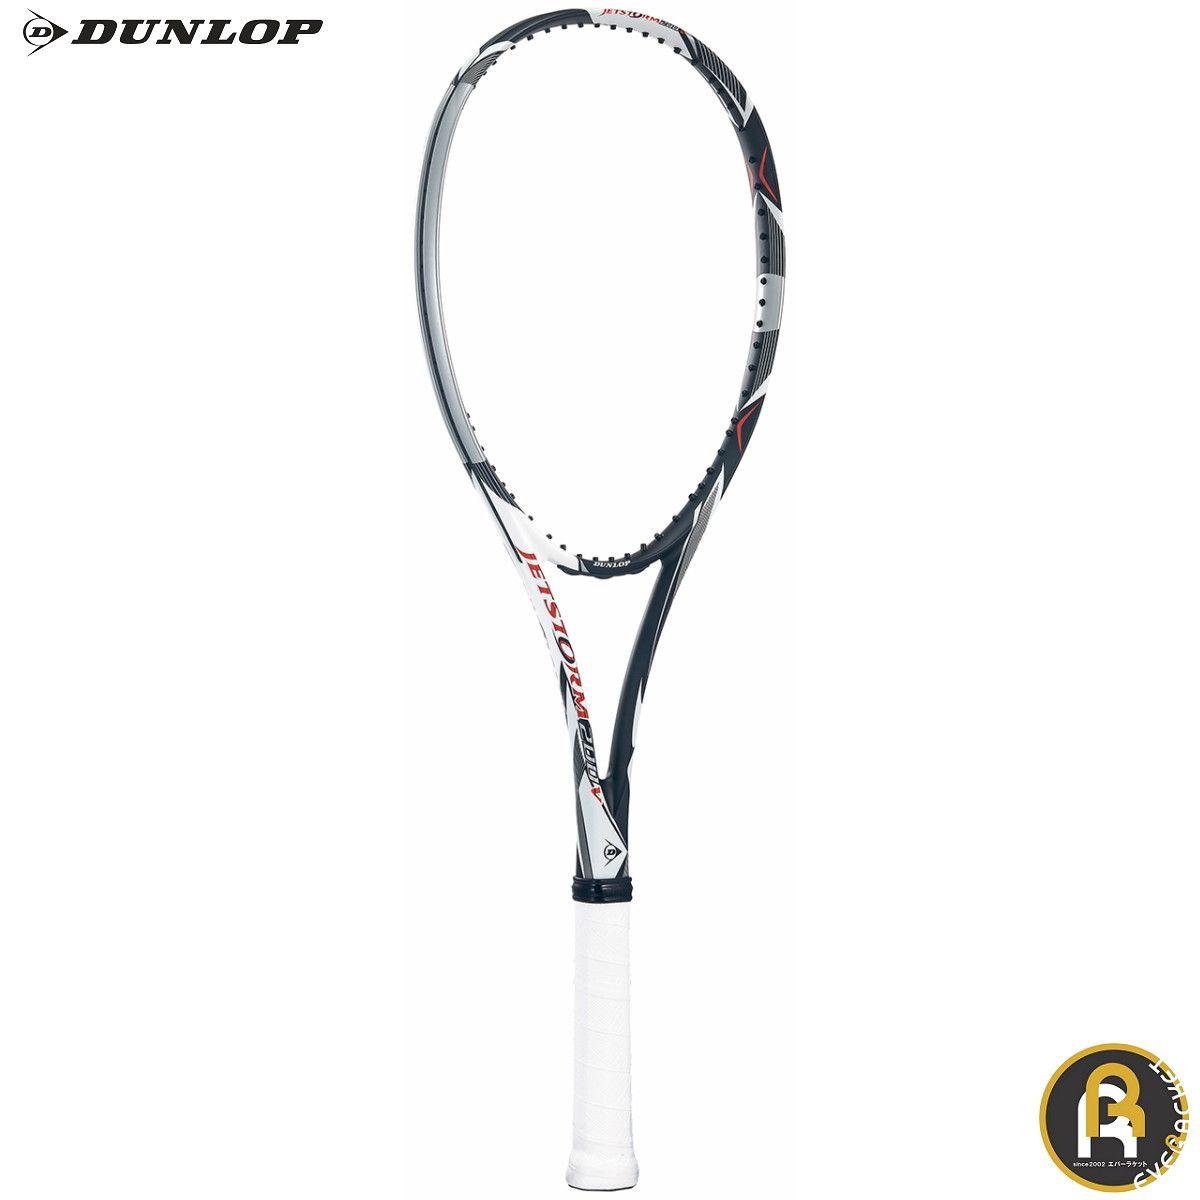 ダンロップ ダンロップスポーツ ソフトテニスラケット 20JETSTORM200V DS42001 DS-42001 ソフトテニス